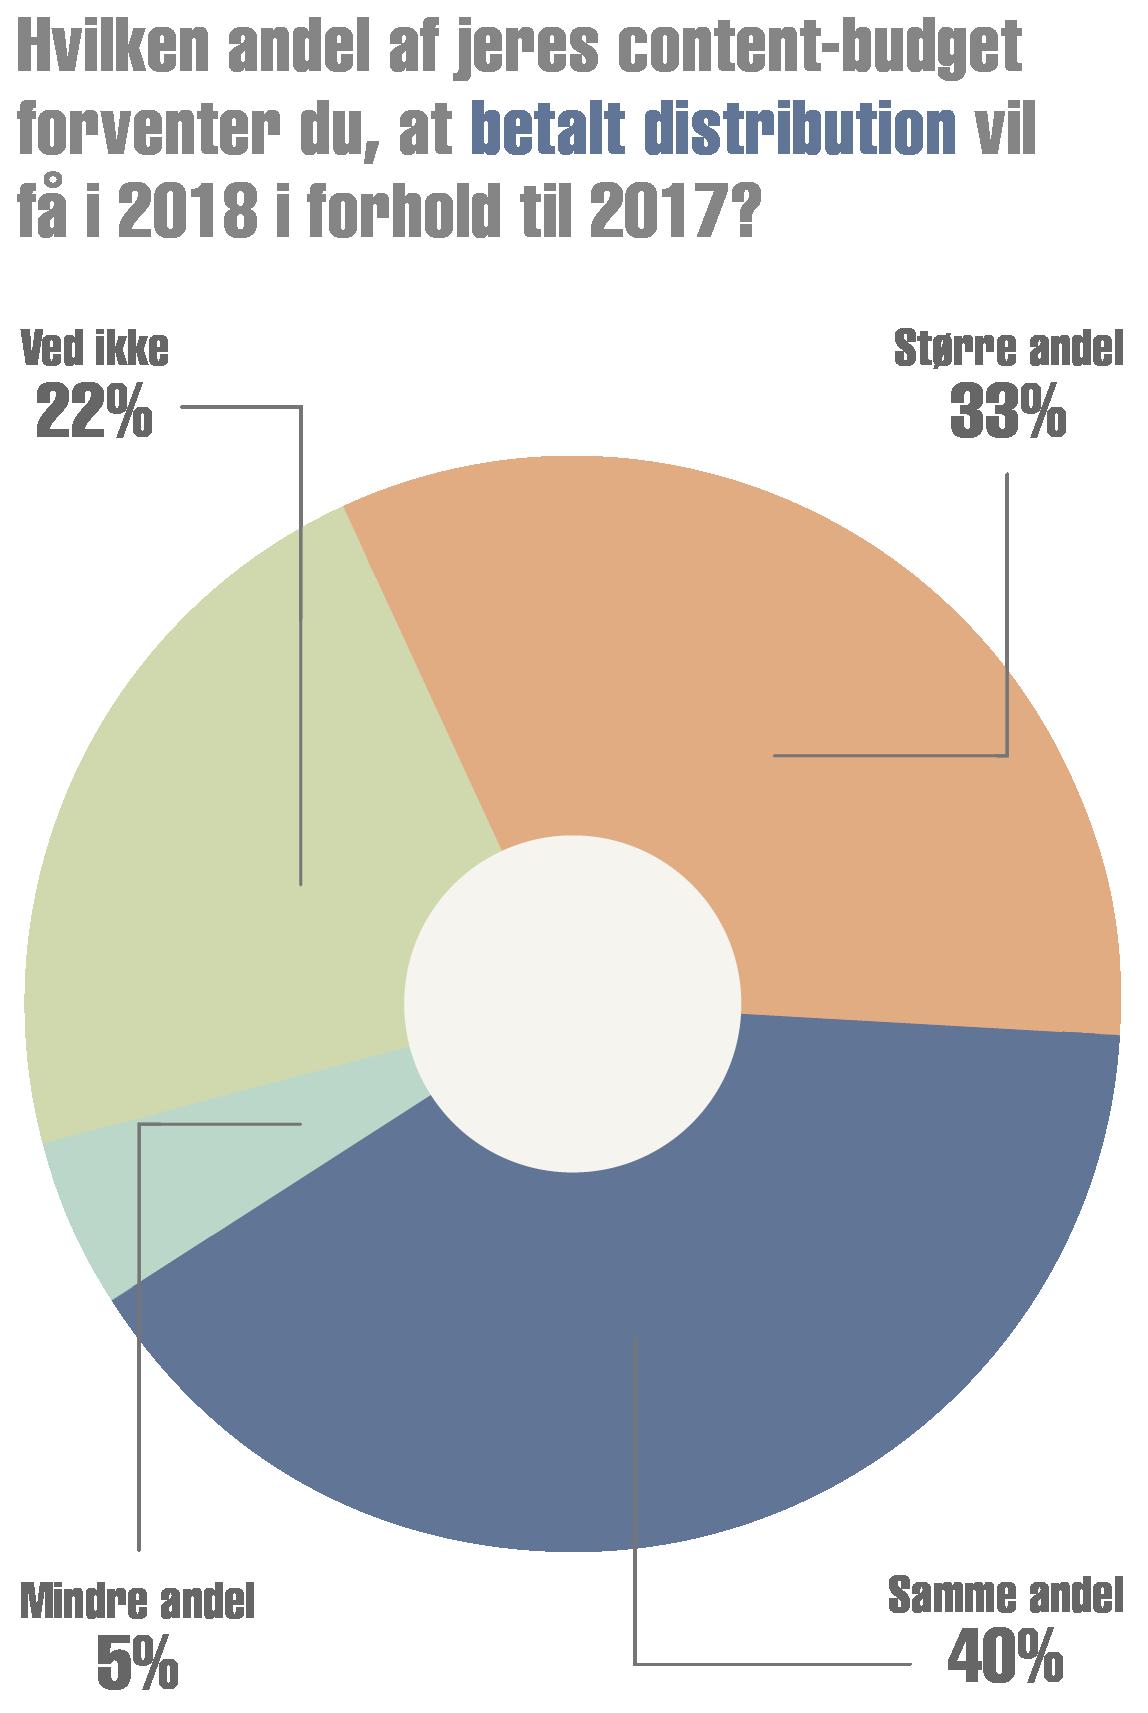 2. Budget (5) – Forventning betalt distribution